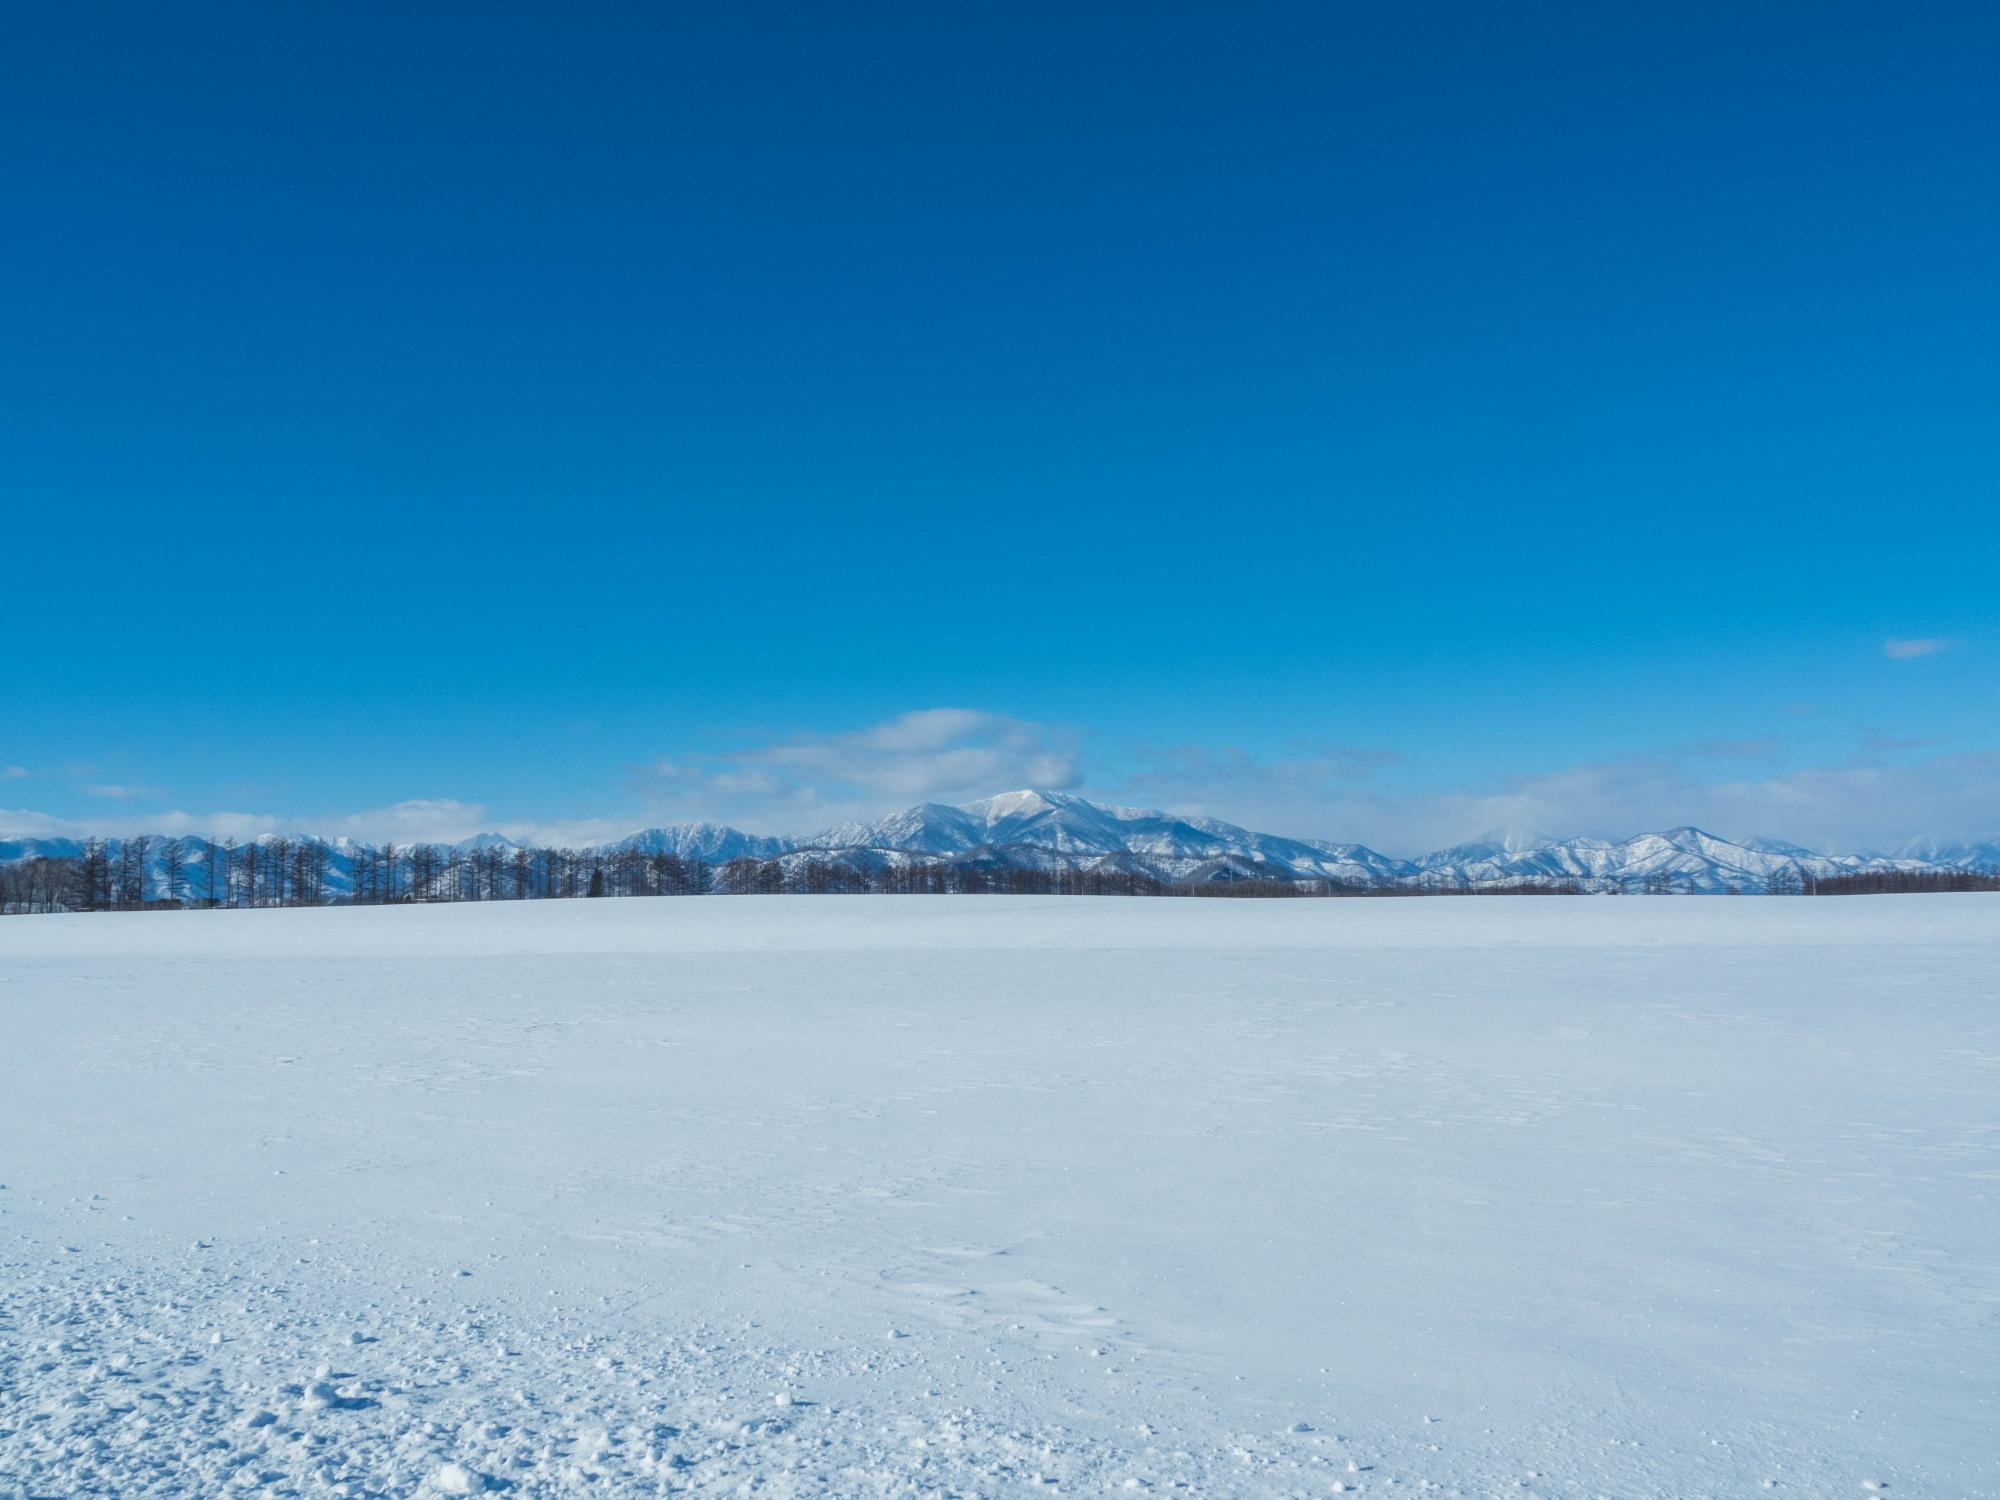 十勝らしい冬の快晴・・見渡す限り真っ白な雪原と日高山脈_f0276498_17403262.jpg